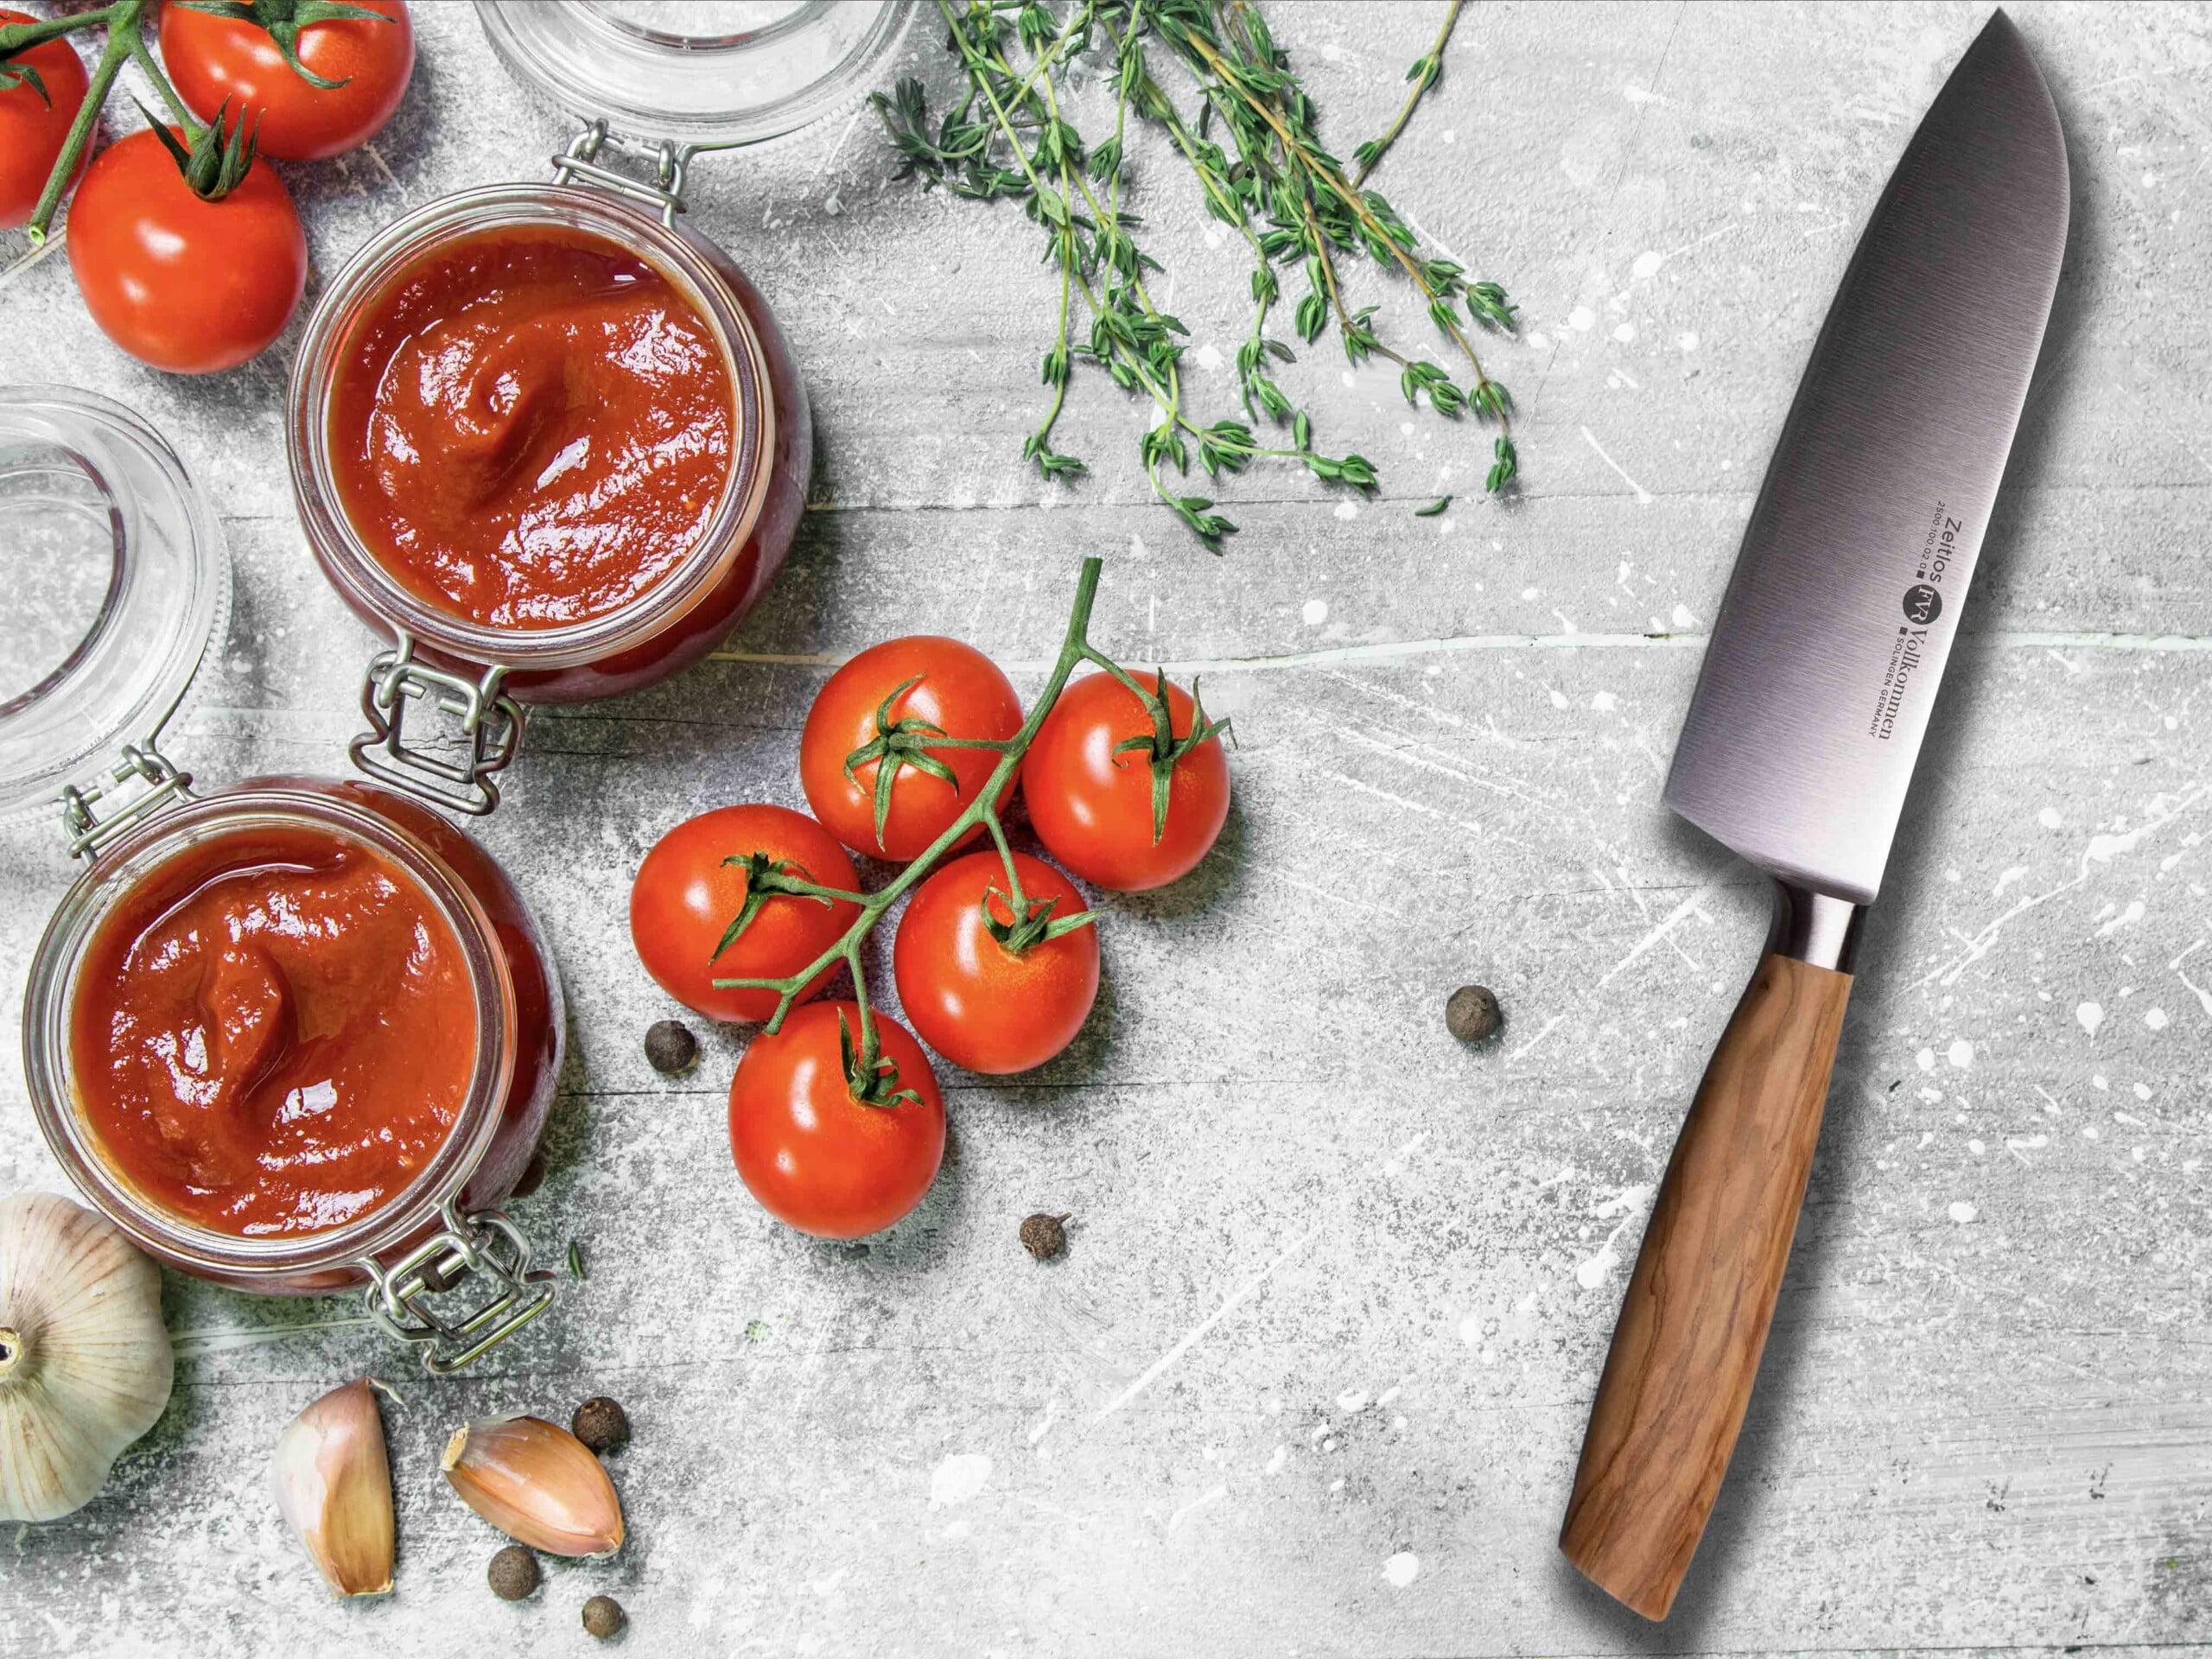 Homemade tomato ketchup fvr knife